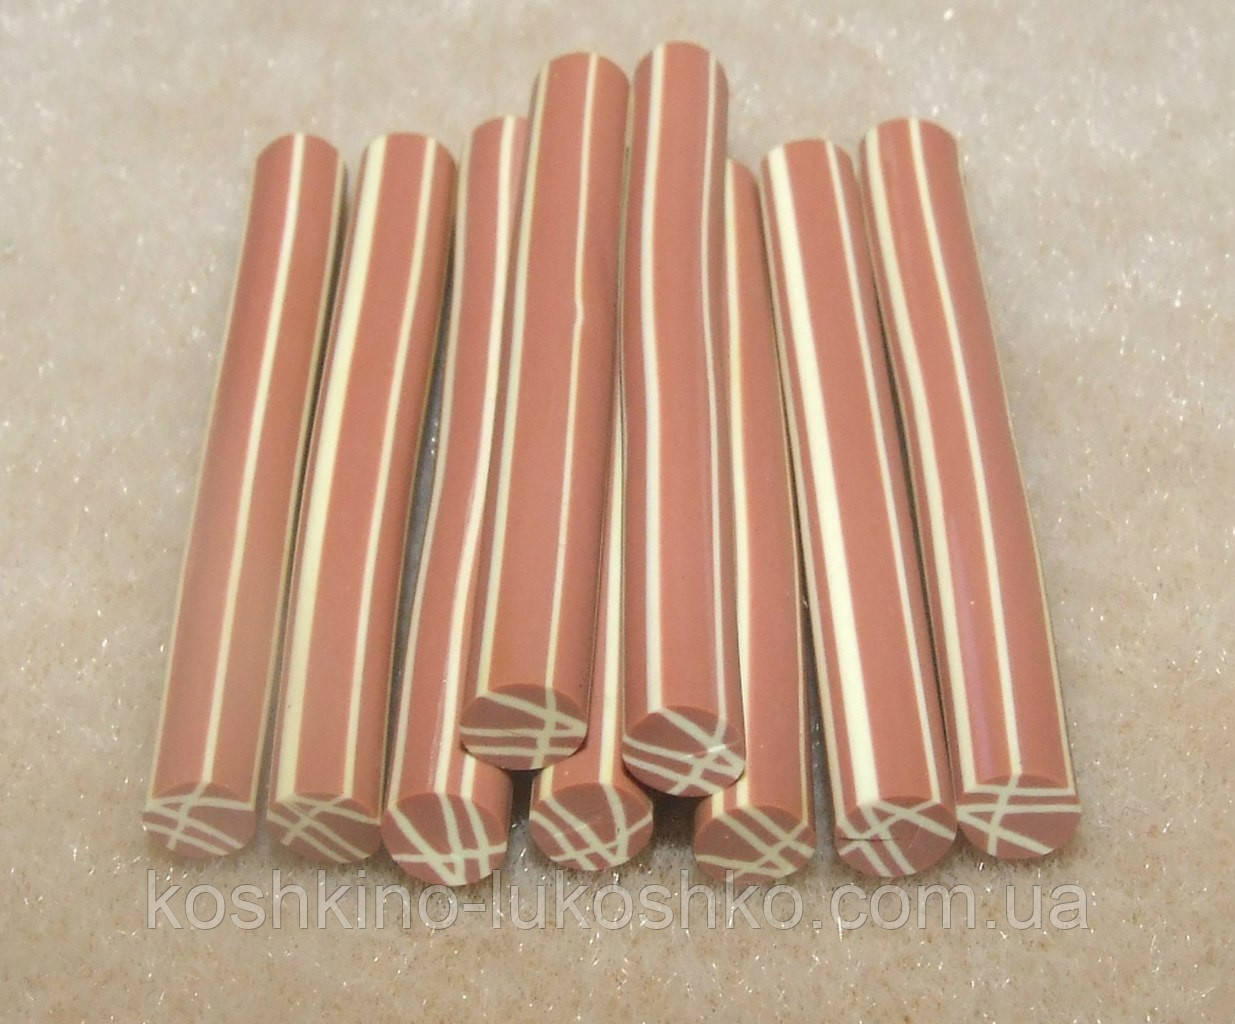 Фимо палочки (штанги).3-5 мм.